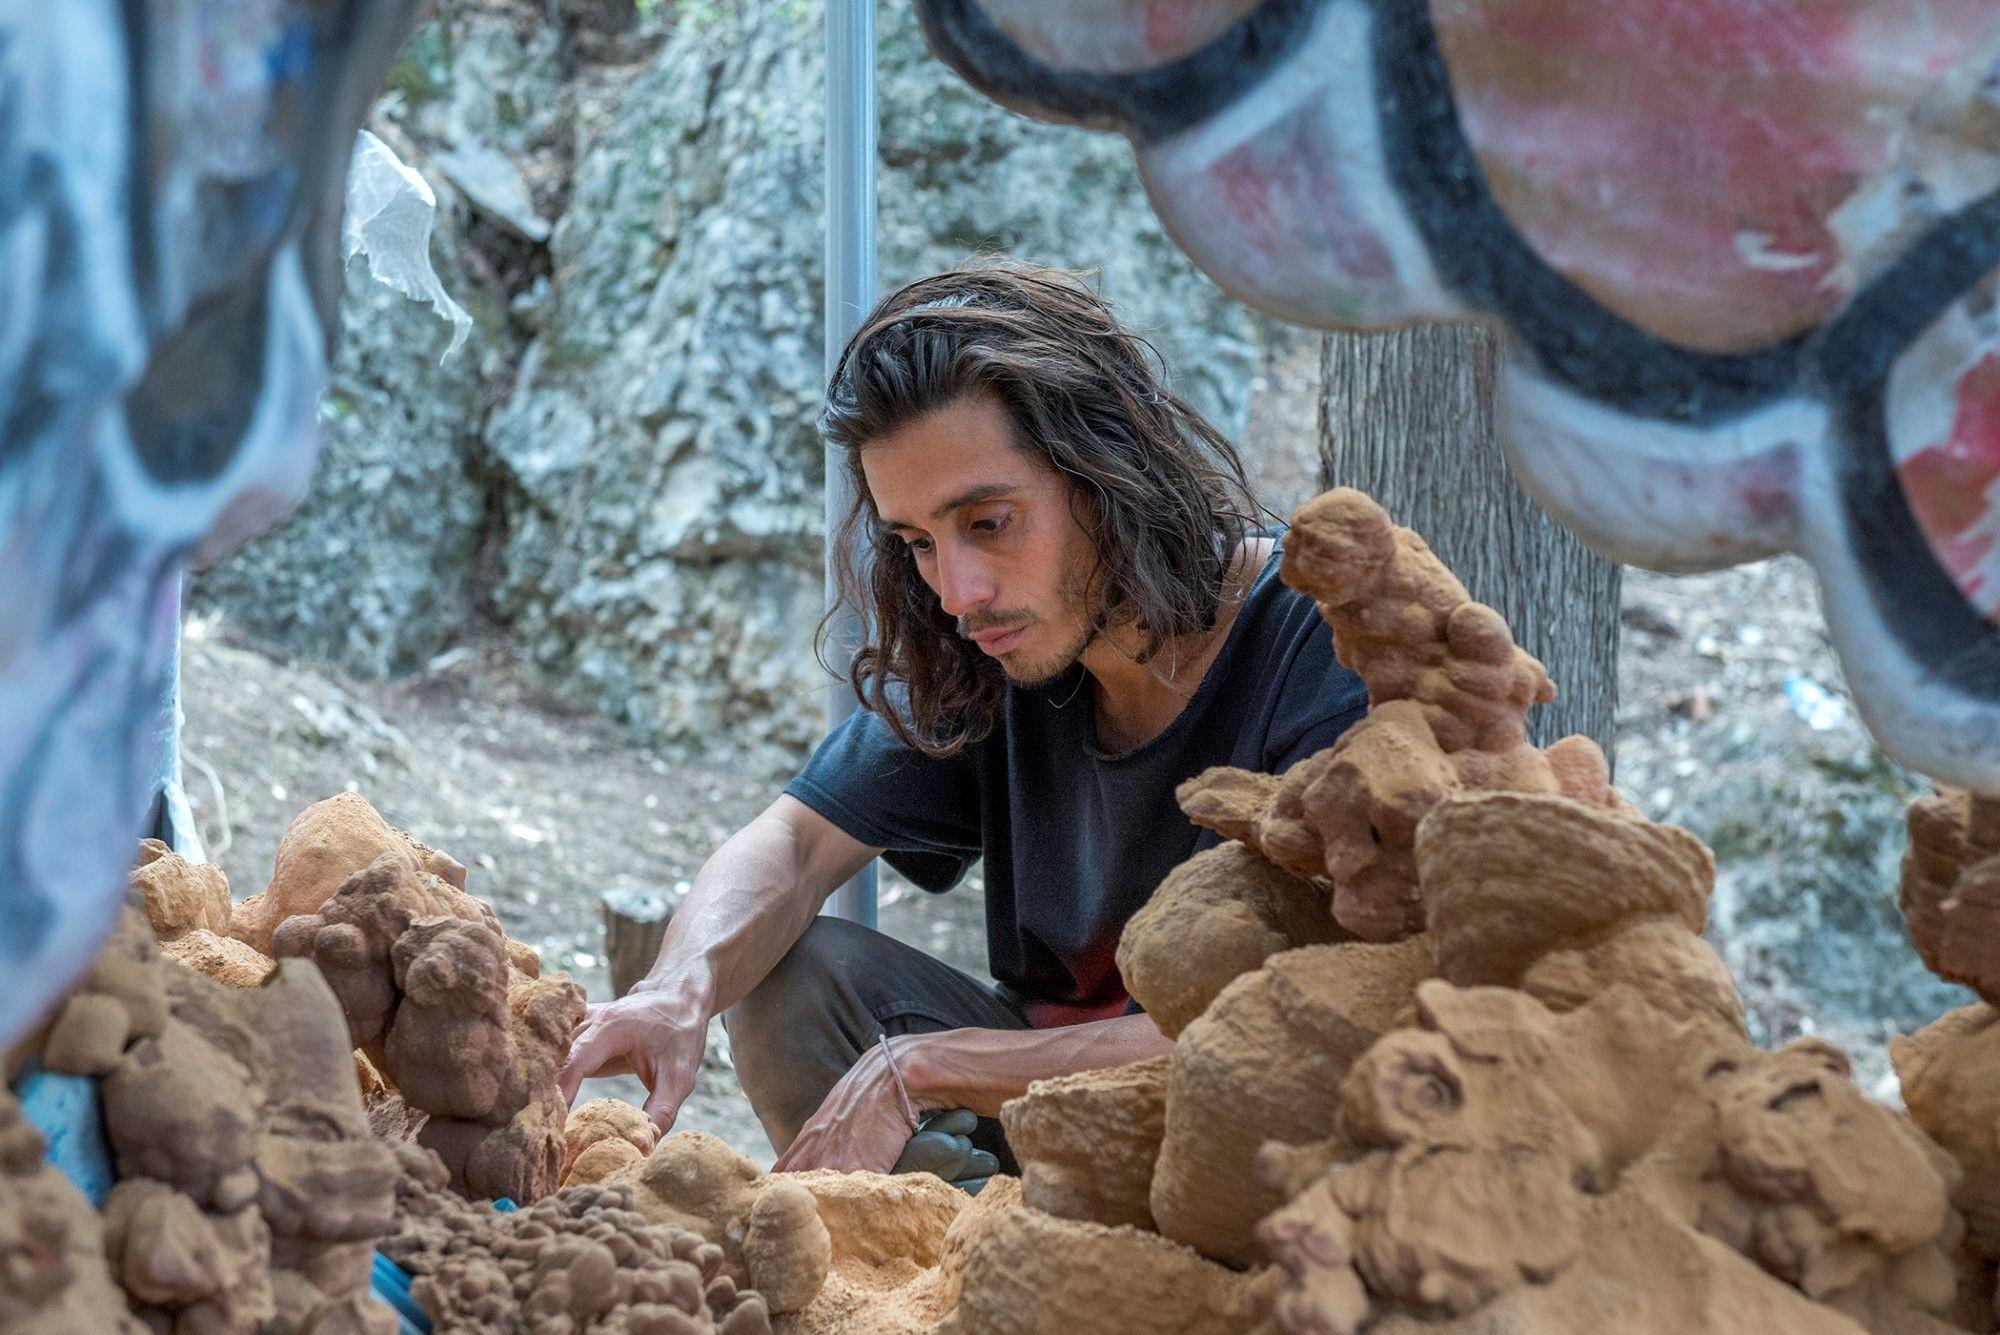 La fine del mondo secondo Adrián Villar Rojas, finalista all'Hugo Boss Prize 2020